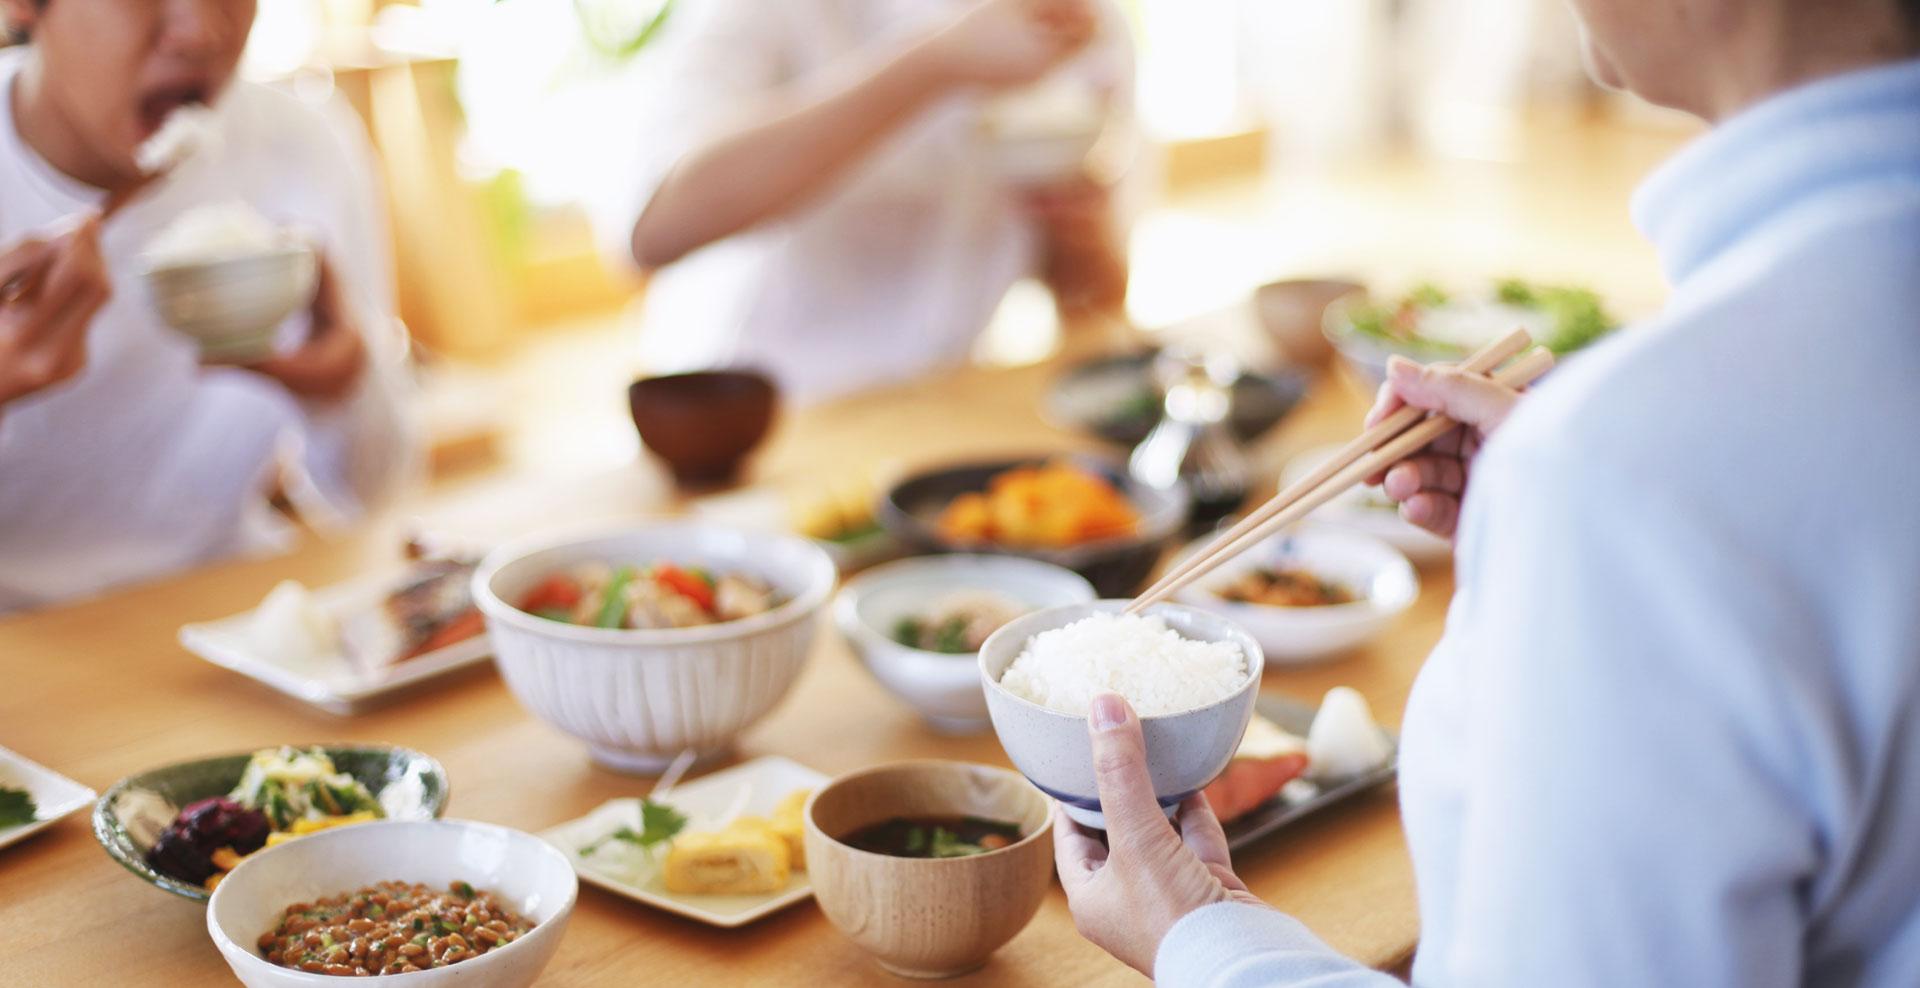 Table À Manger Japonaise les bonnes manières à adopter lors d'un repas au japon | le